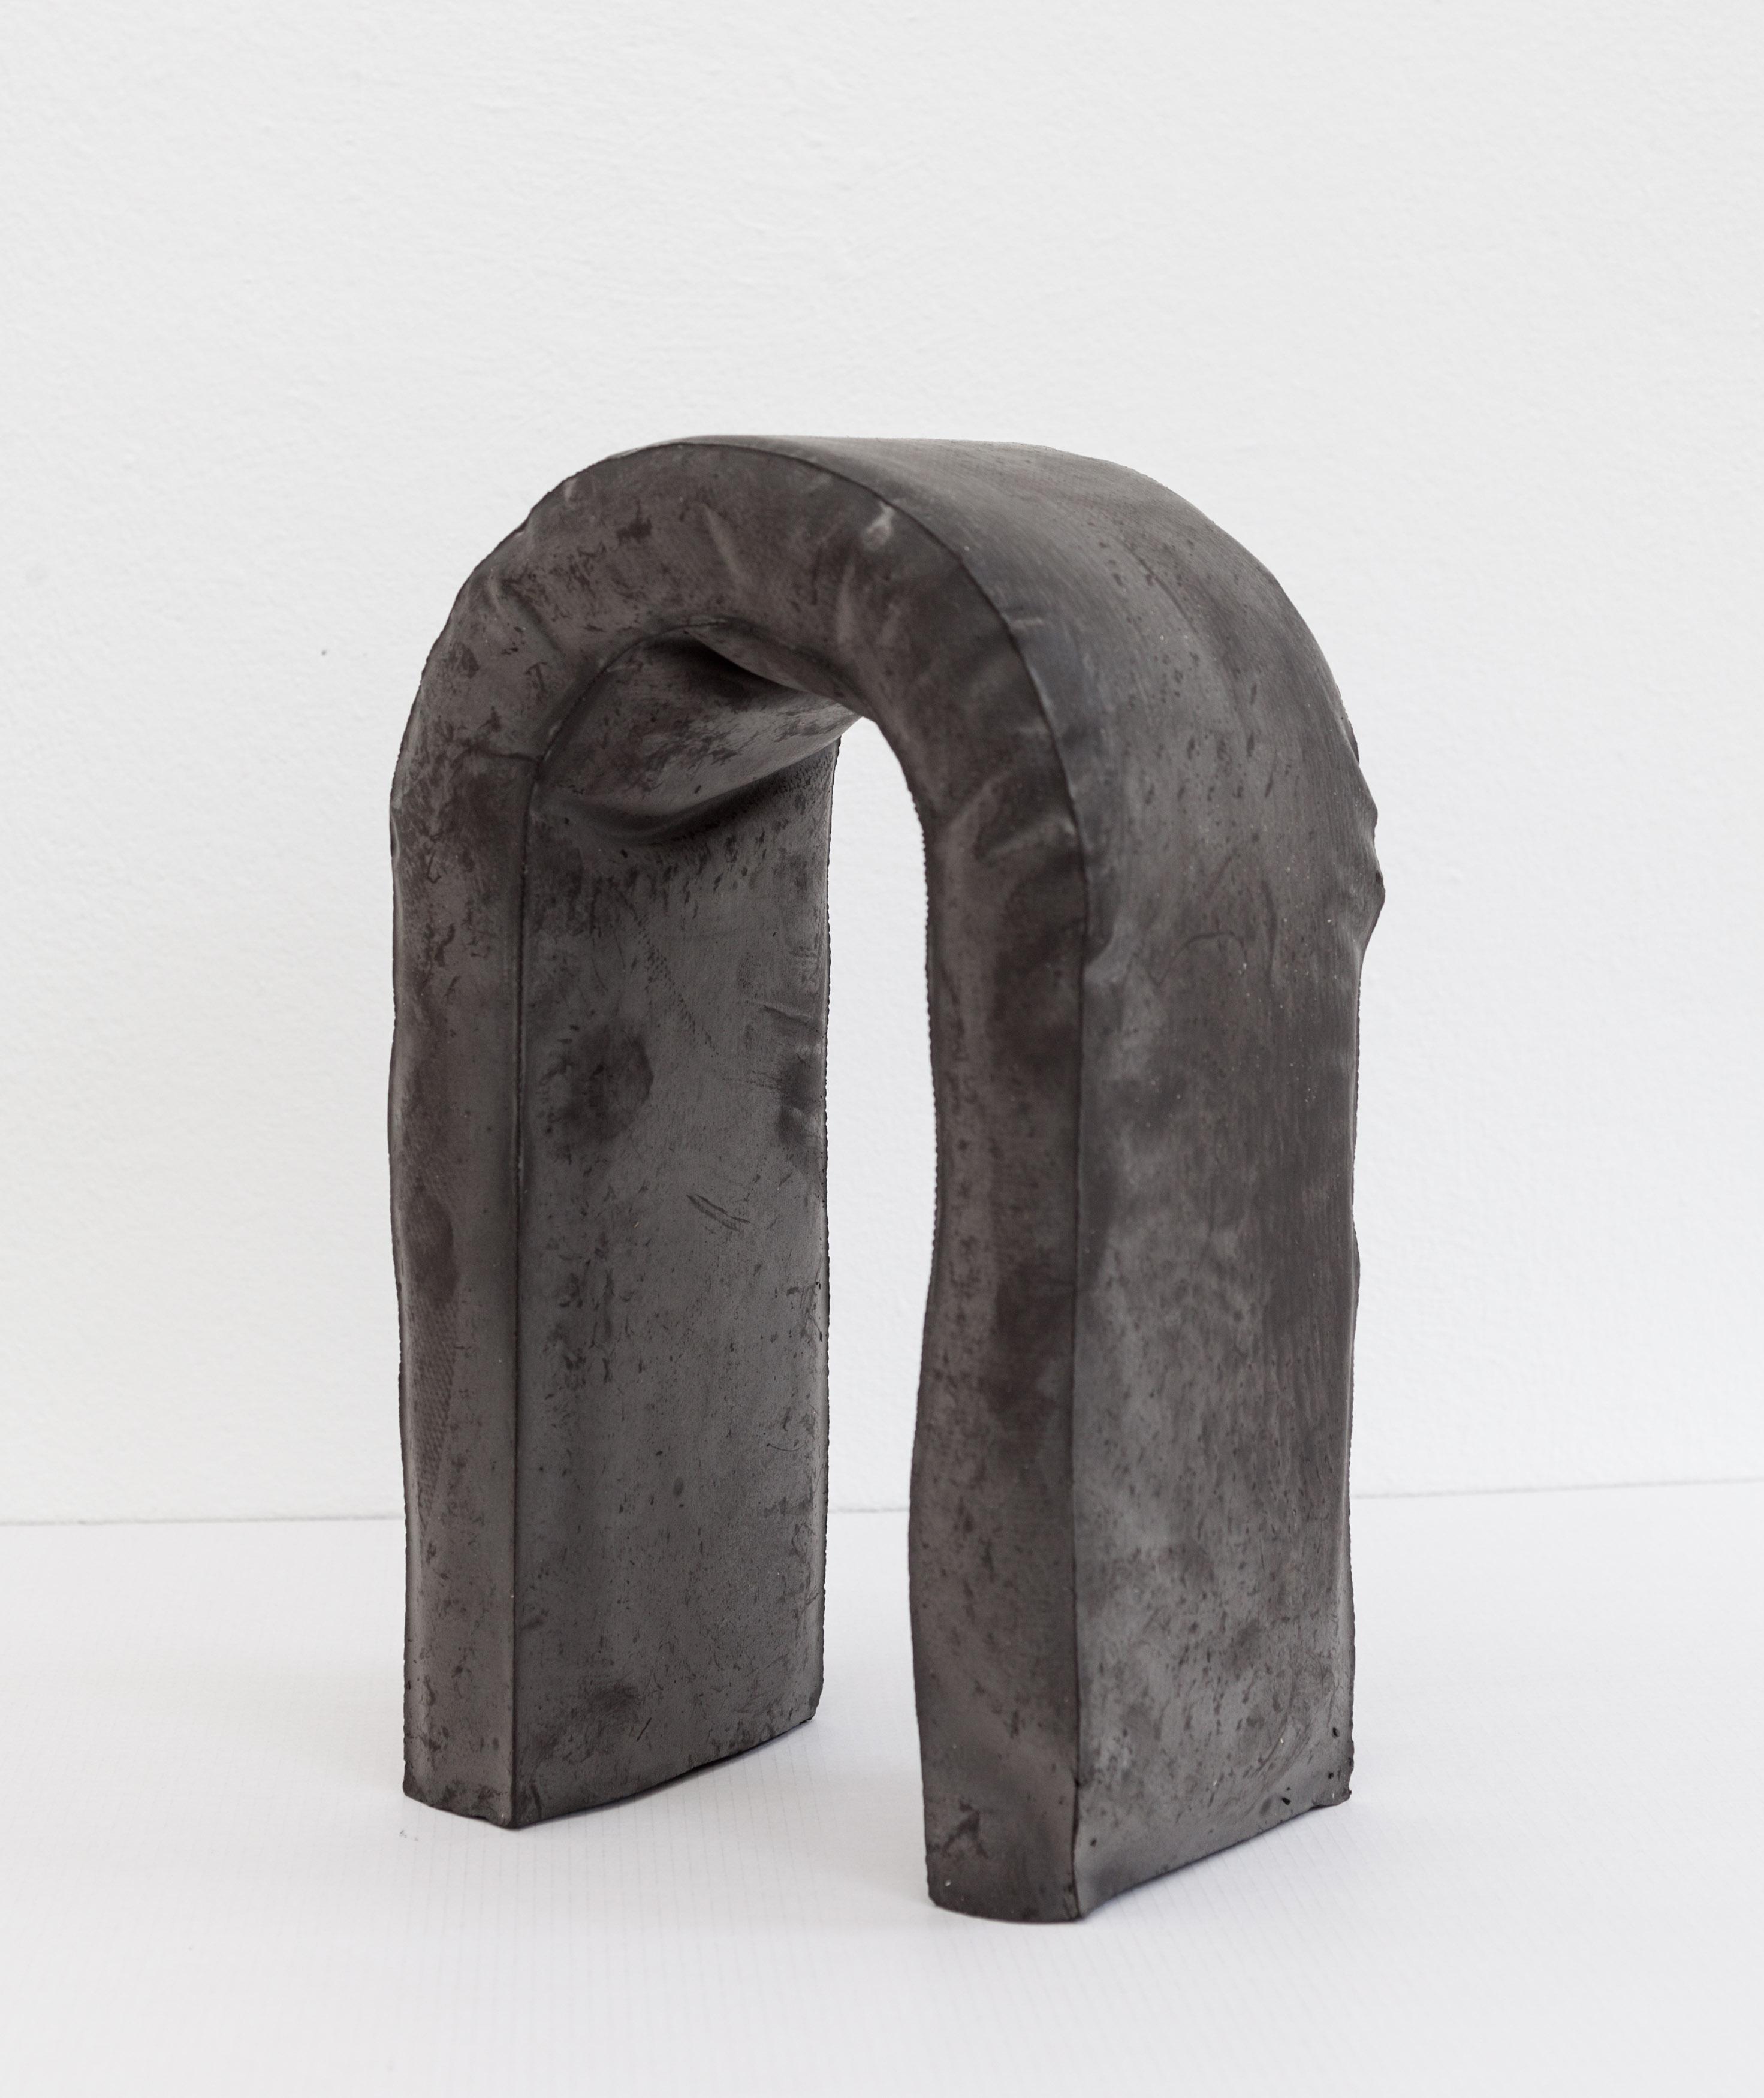 Grit Richter - Alter Ego, 2013 / 2014